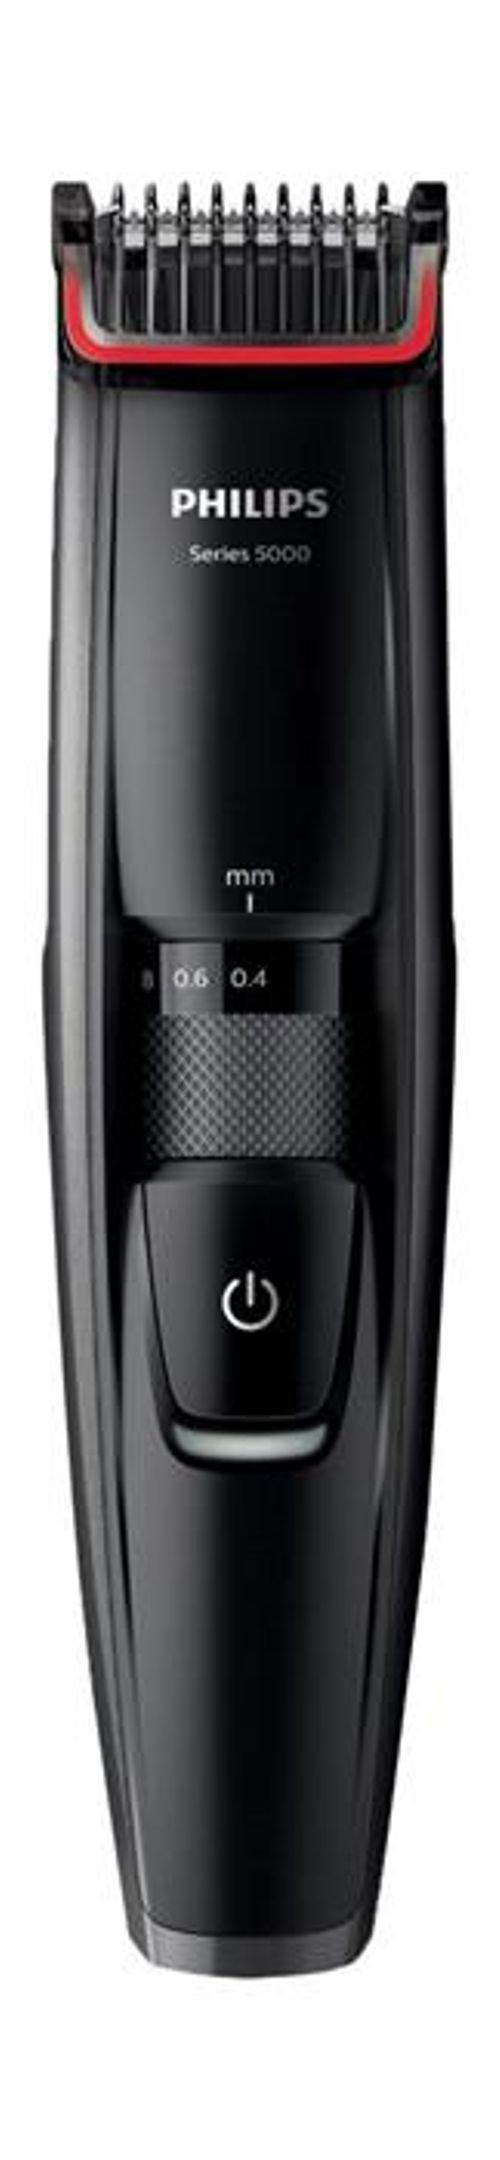 ماكينة تشذيب اللحية من فيلبس موديل BT5200/13